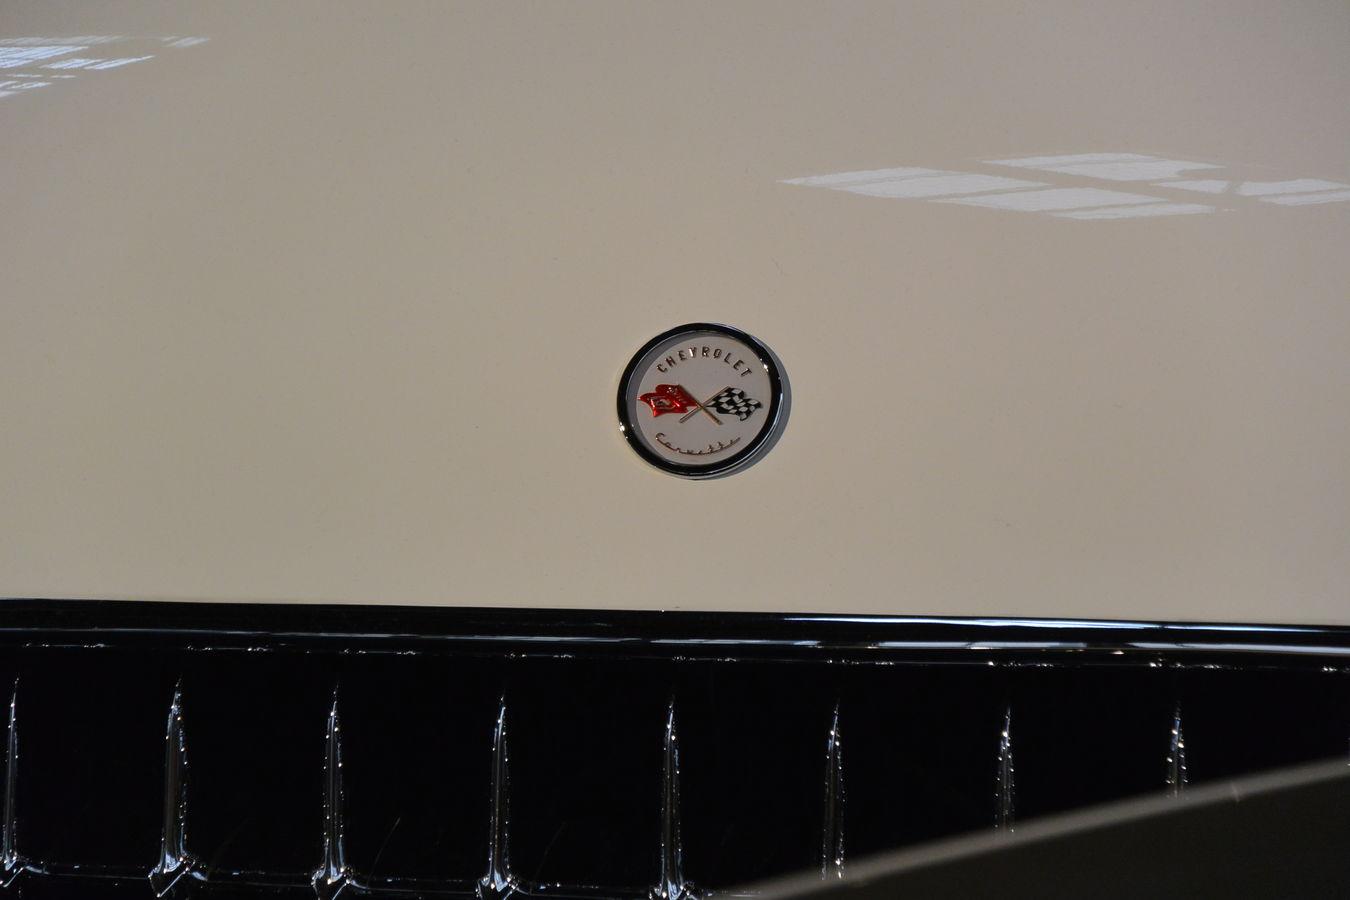 American Cars Car Grille Chevrolet Corvette Chevrolet Corvette C1 Collector's Car Corvette Indoors  Logo Paris International Motor Show 2016 Voiture De Collection White